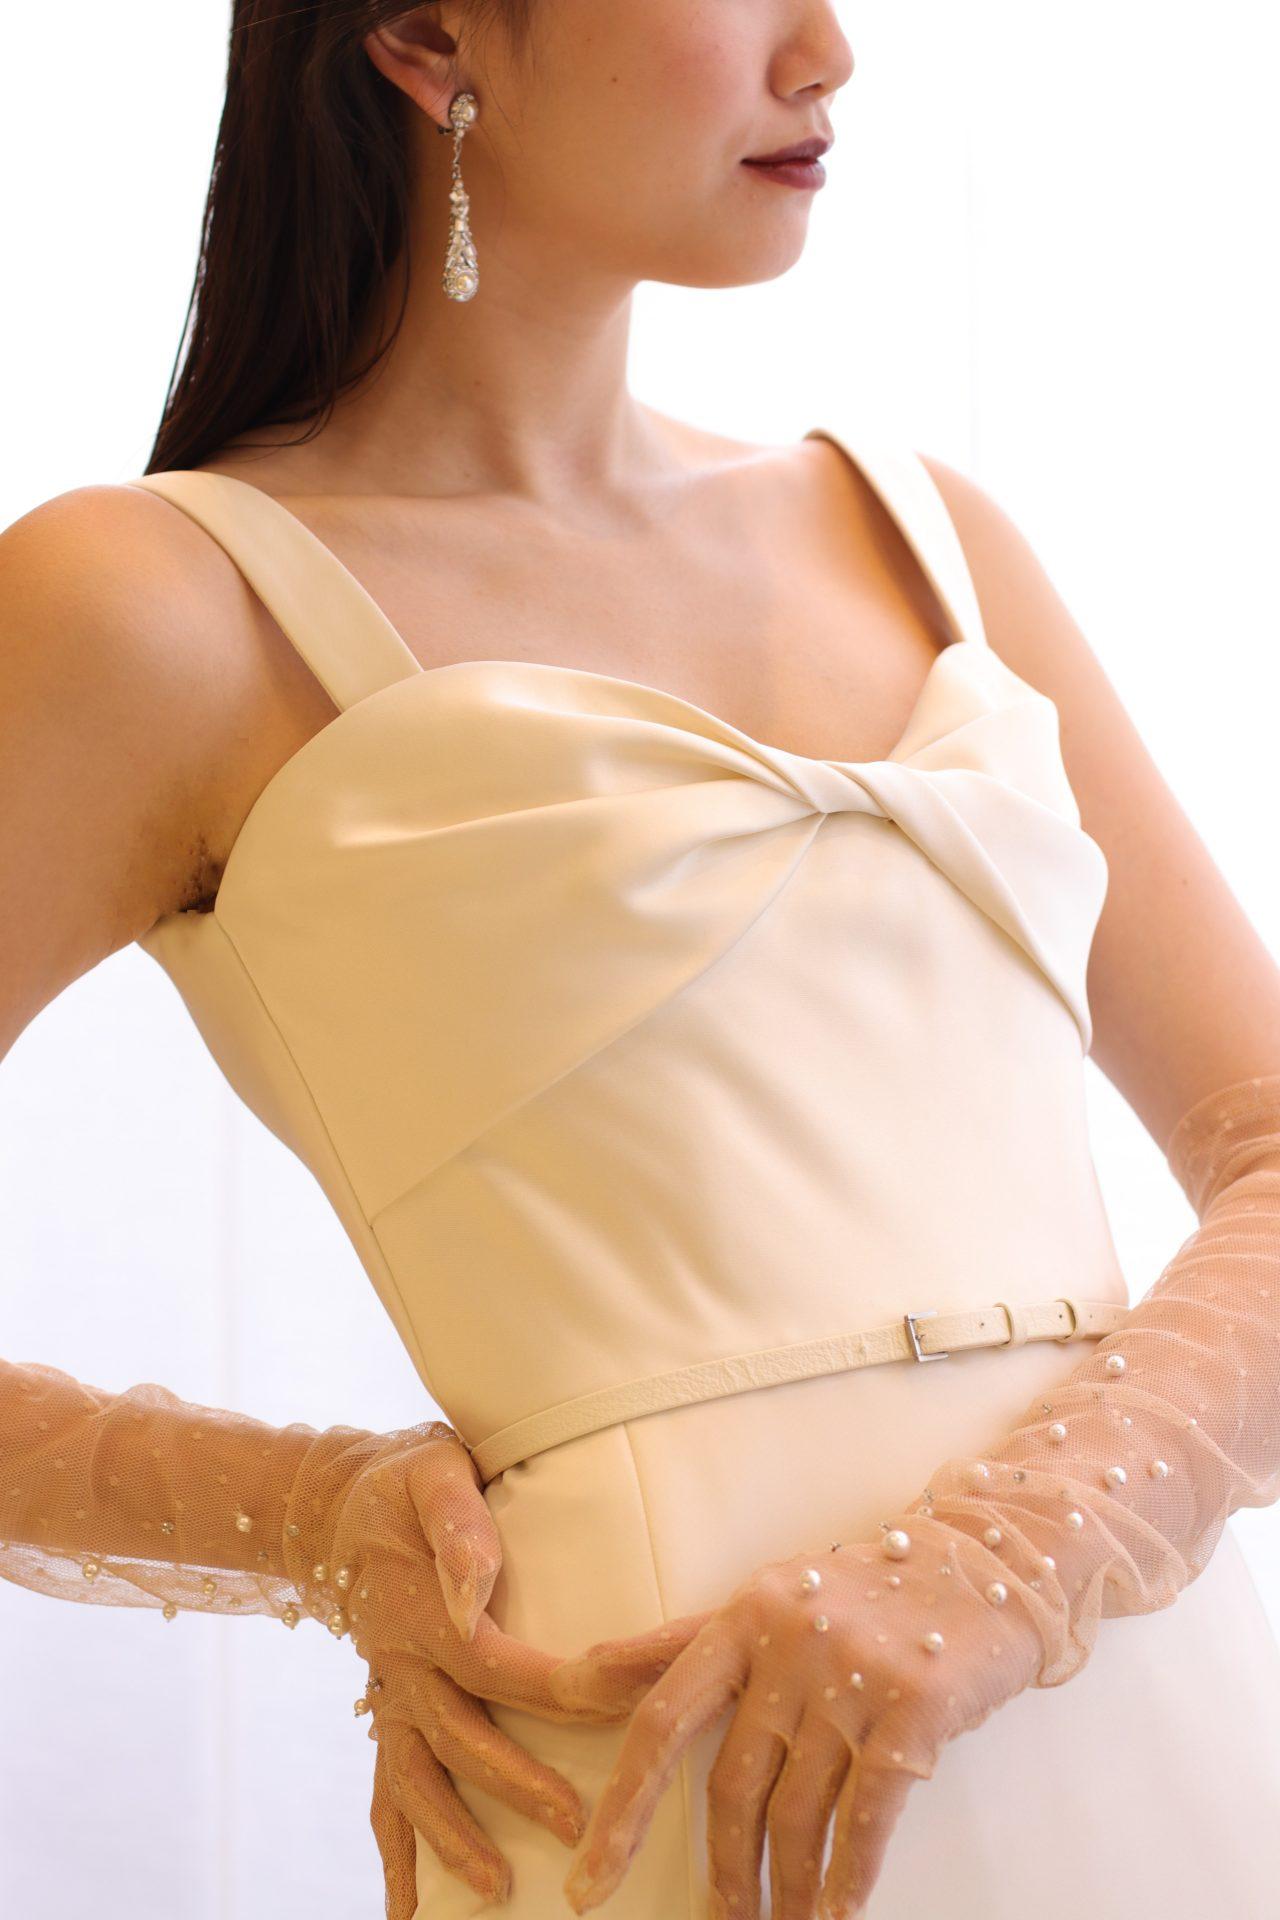 夏の花嫁様にオススメのするのは、シンプルなサテンのウェディングドレスにバーガンディリップと透け感のあるパールグローブをアクセントにした、モードでスタイリッシュなスタイリングです